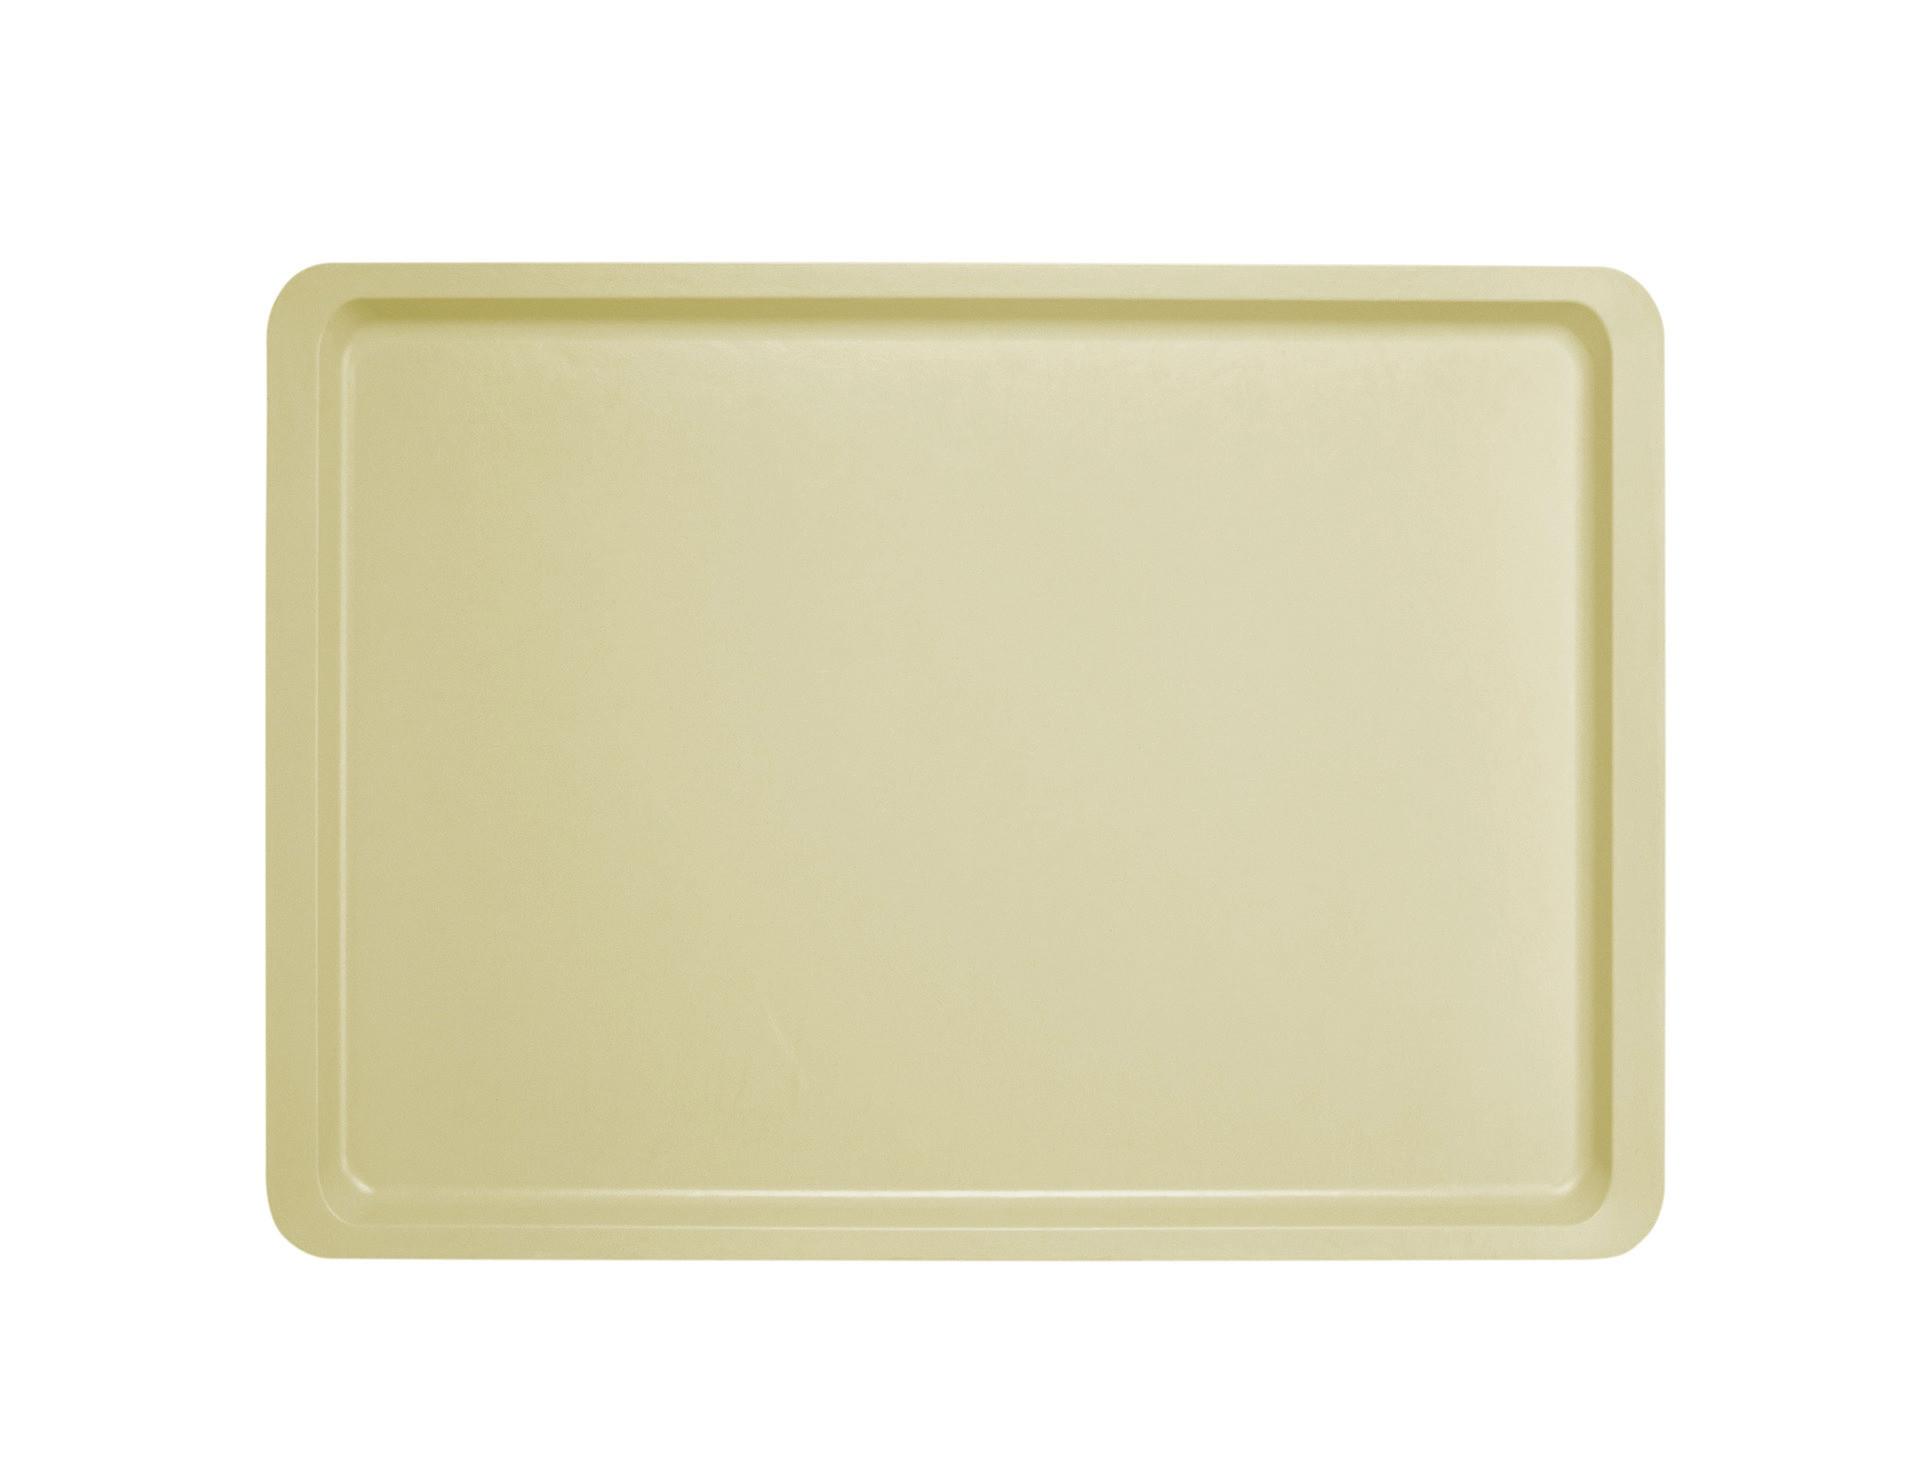 Tablett Polyester Versa glatt 425 x 325 mm perlweiß